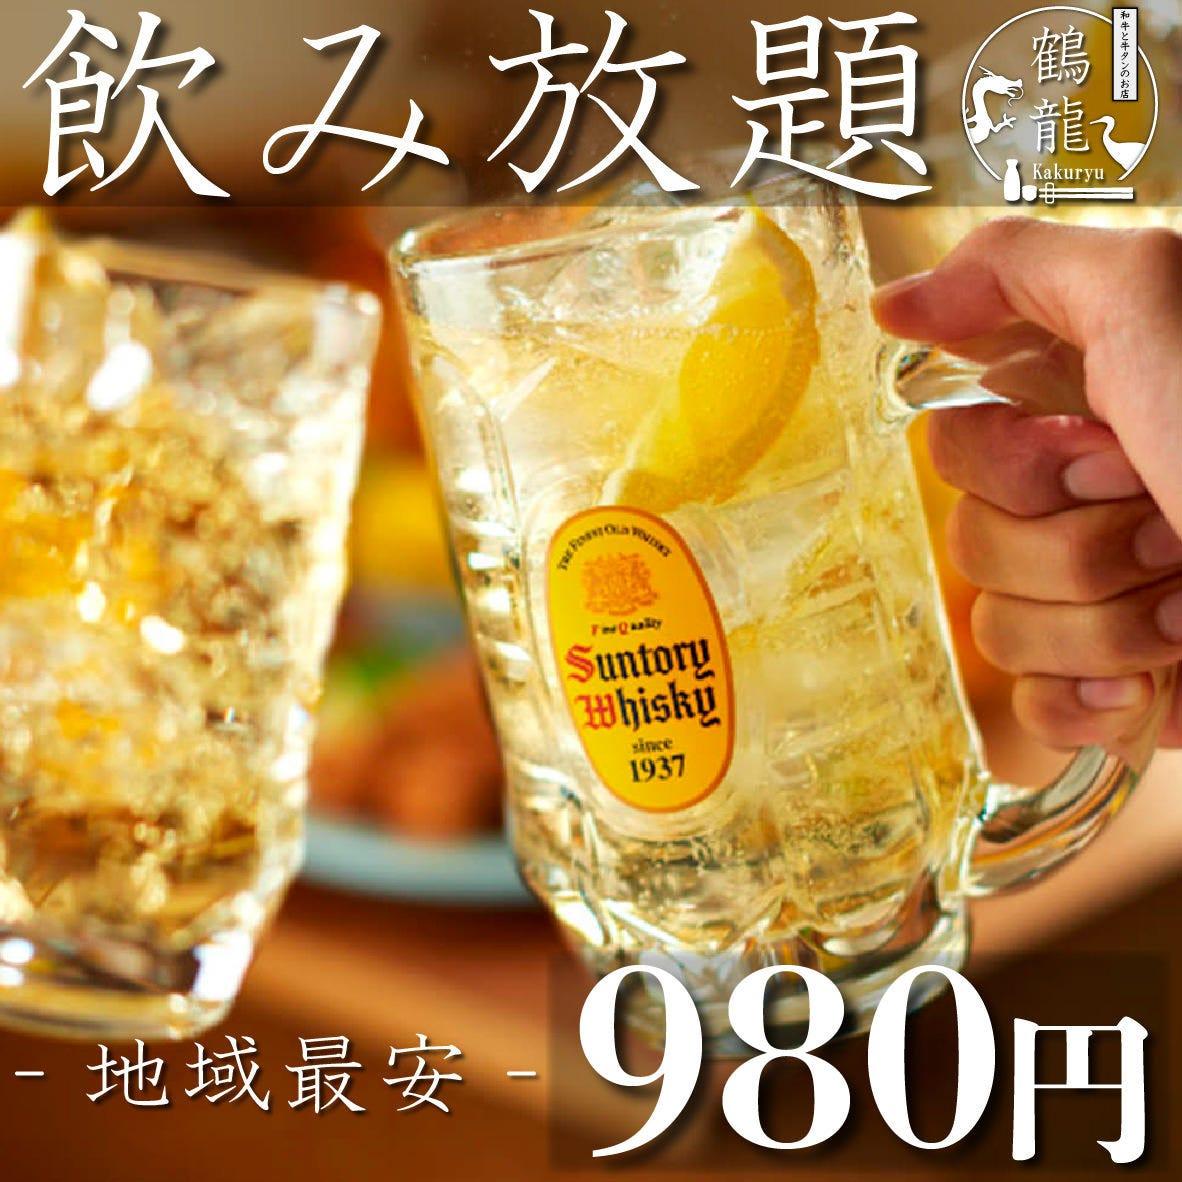 【◎飲み放題】ドリンクメニュー70種類以上2時間飲み放題980円!